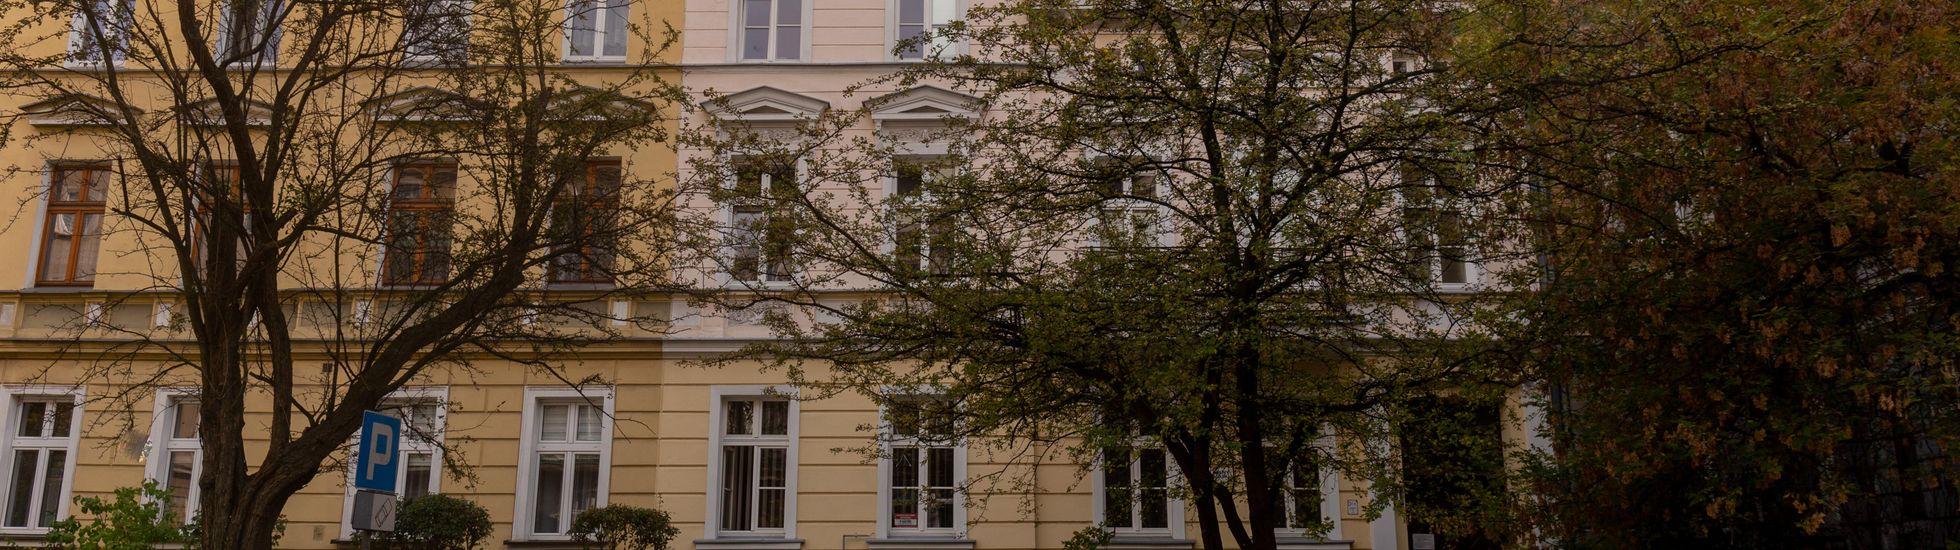 Wrocław: Władze województwa znów szukają kupca na zabytkową kamienicę na Ołbinie. Obniżka pomoże?